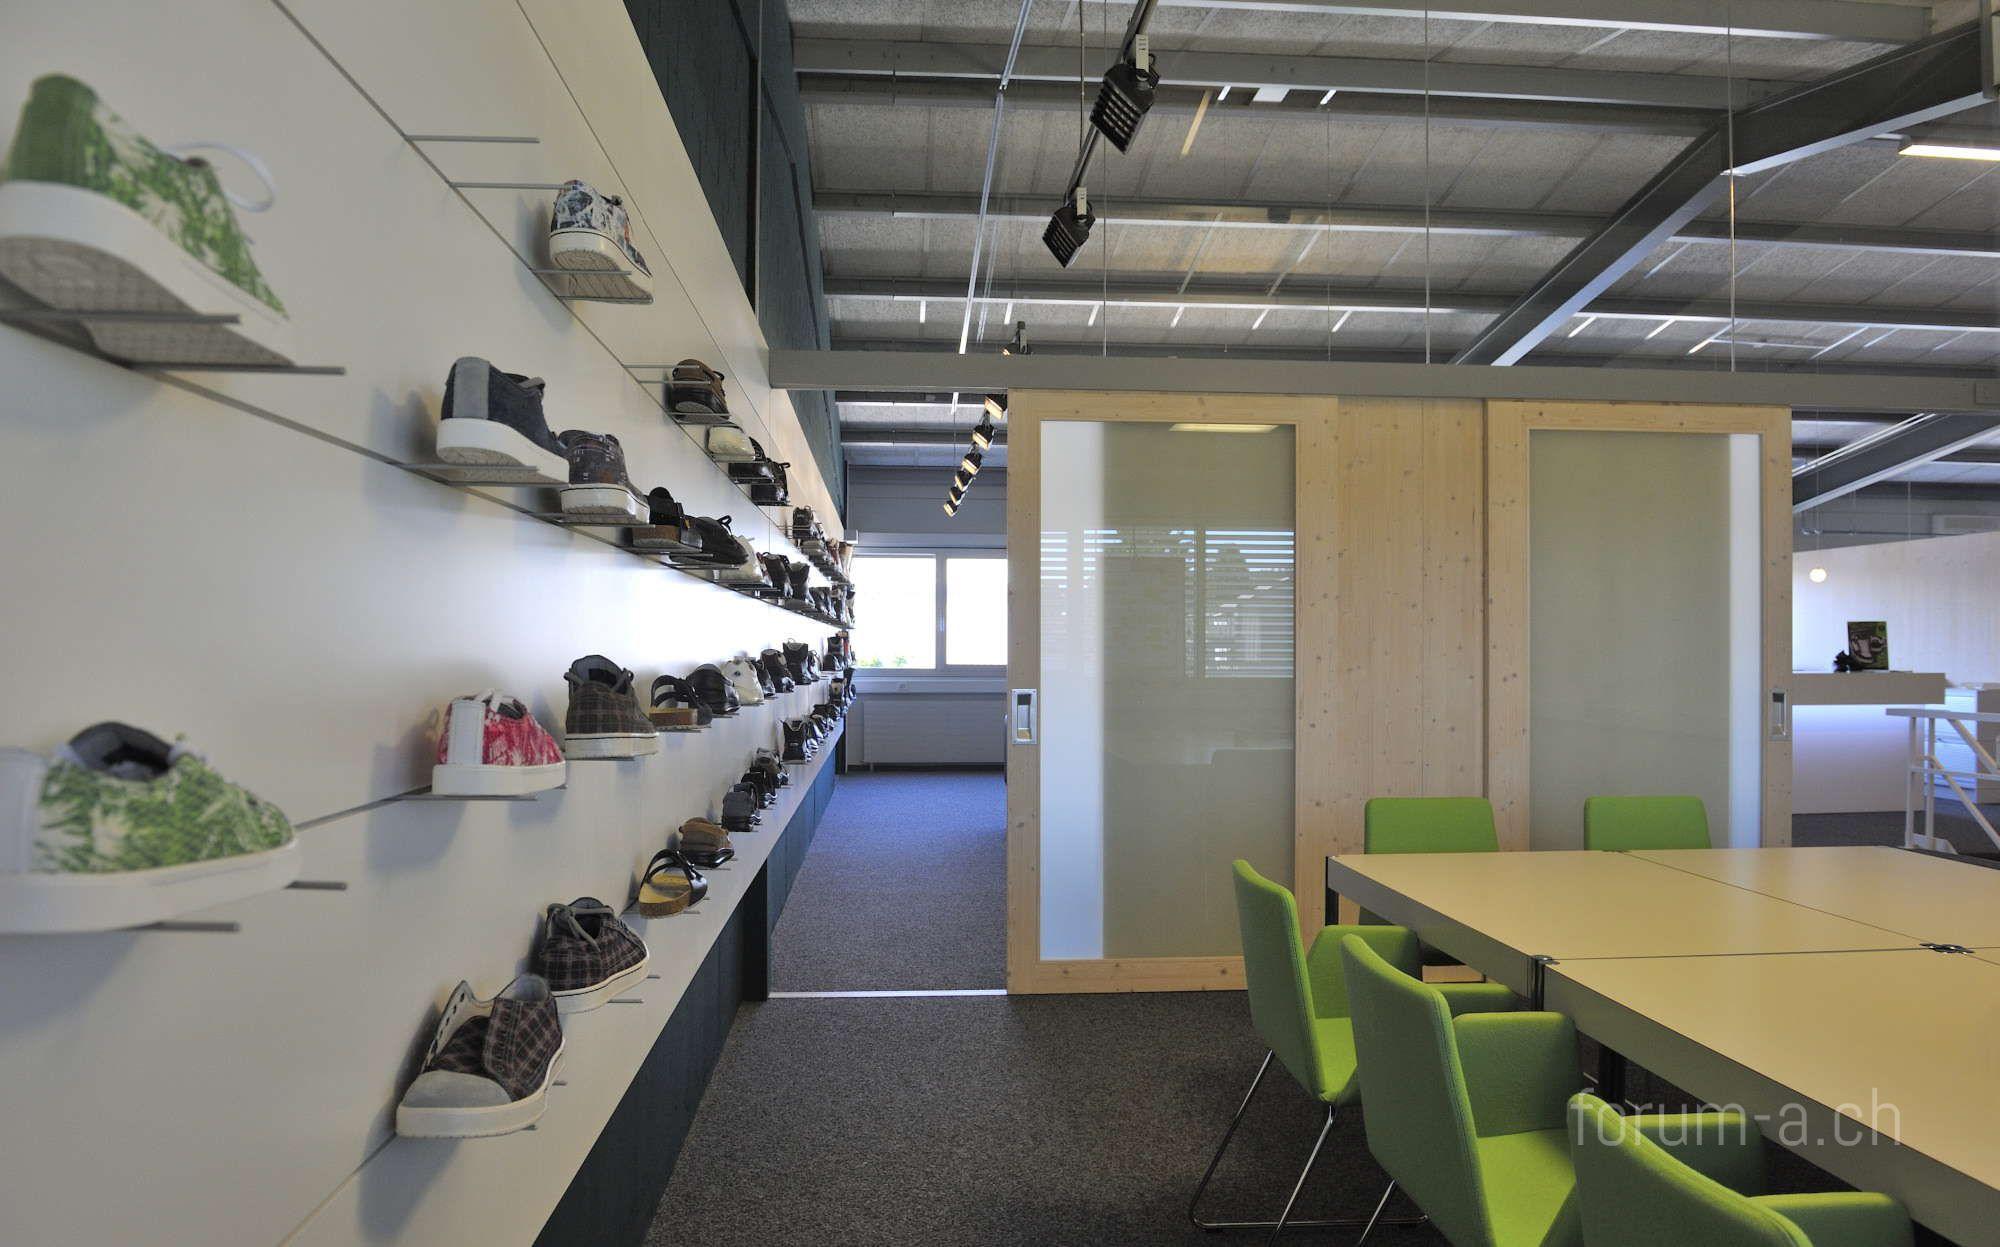 Ladenbauten | Ausstellungen - Forum A | Architektur, Baurealisierung ...